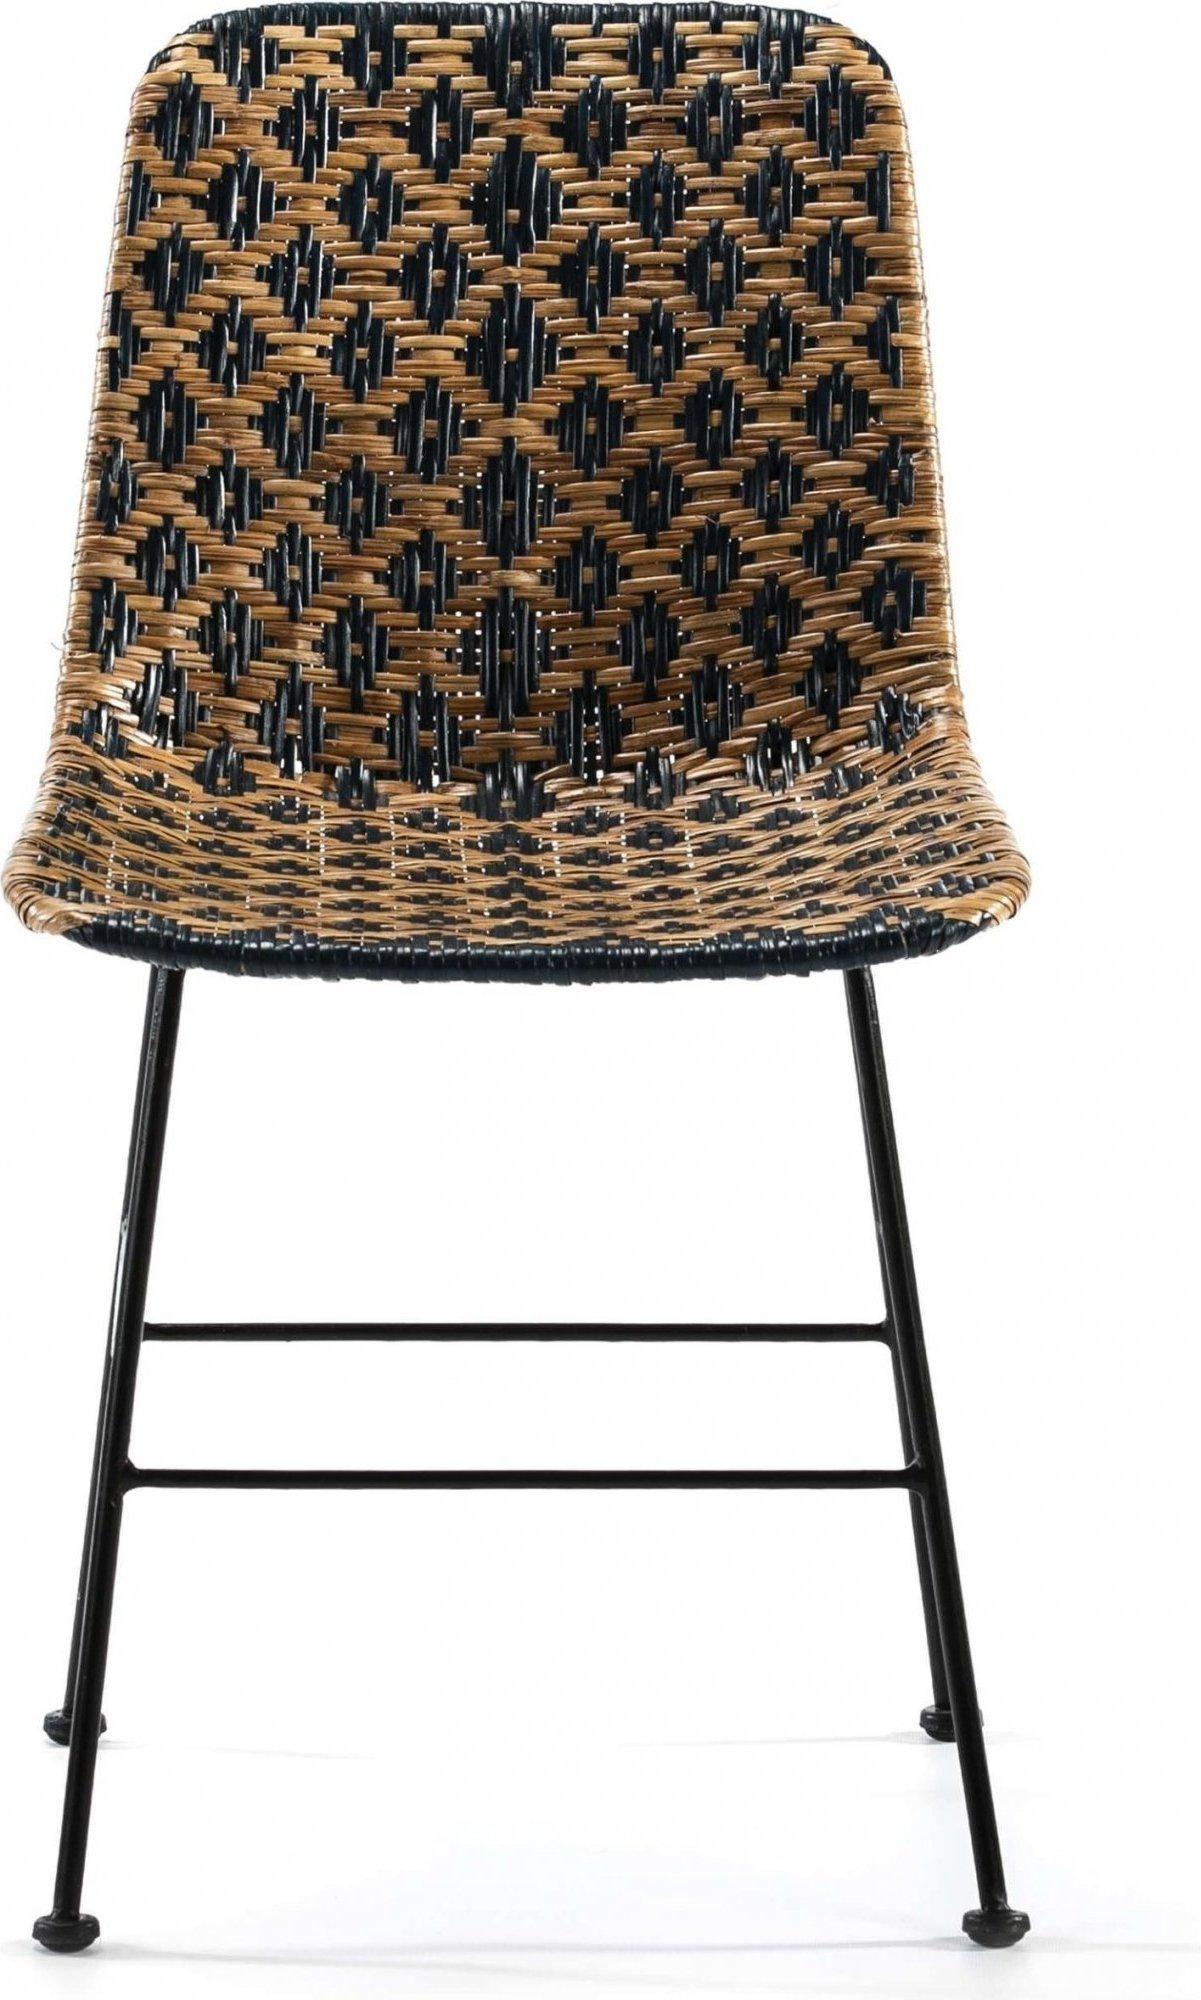 Chaise cannage assise couleur noir et bois foncé